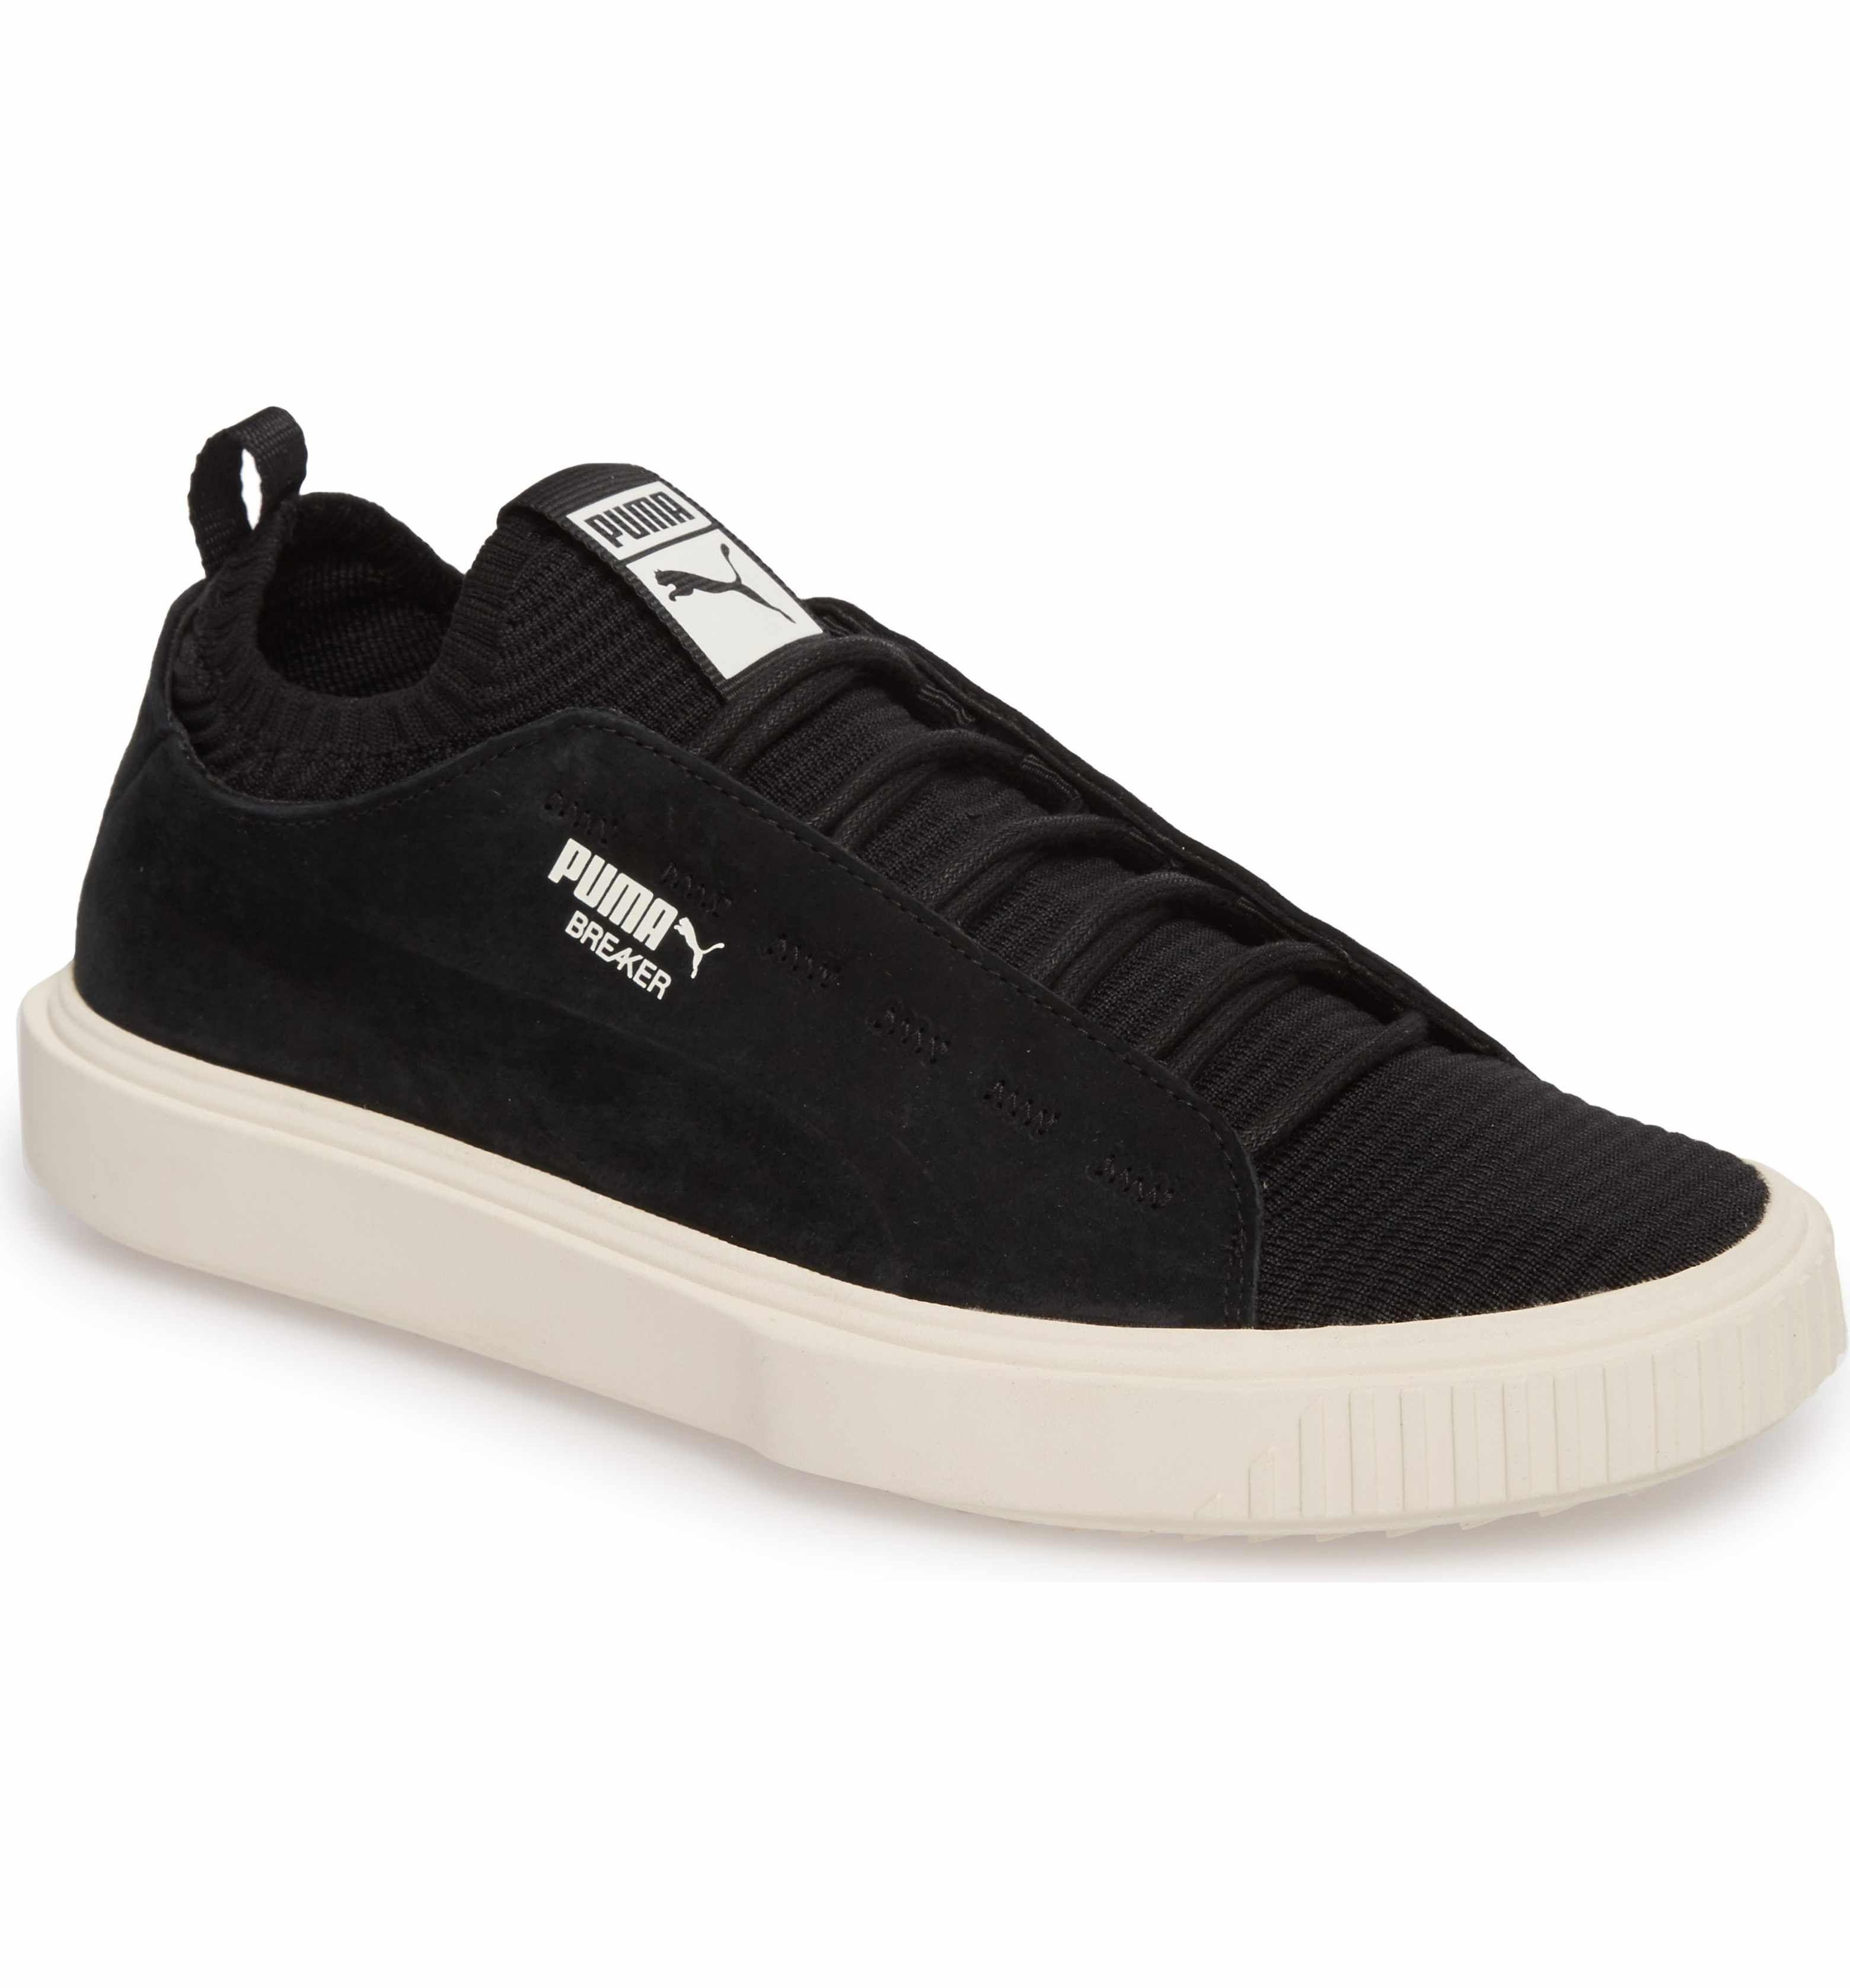 PUMA Breaker Knit Sunfaded Sneaker (Men